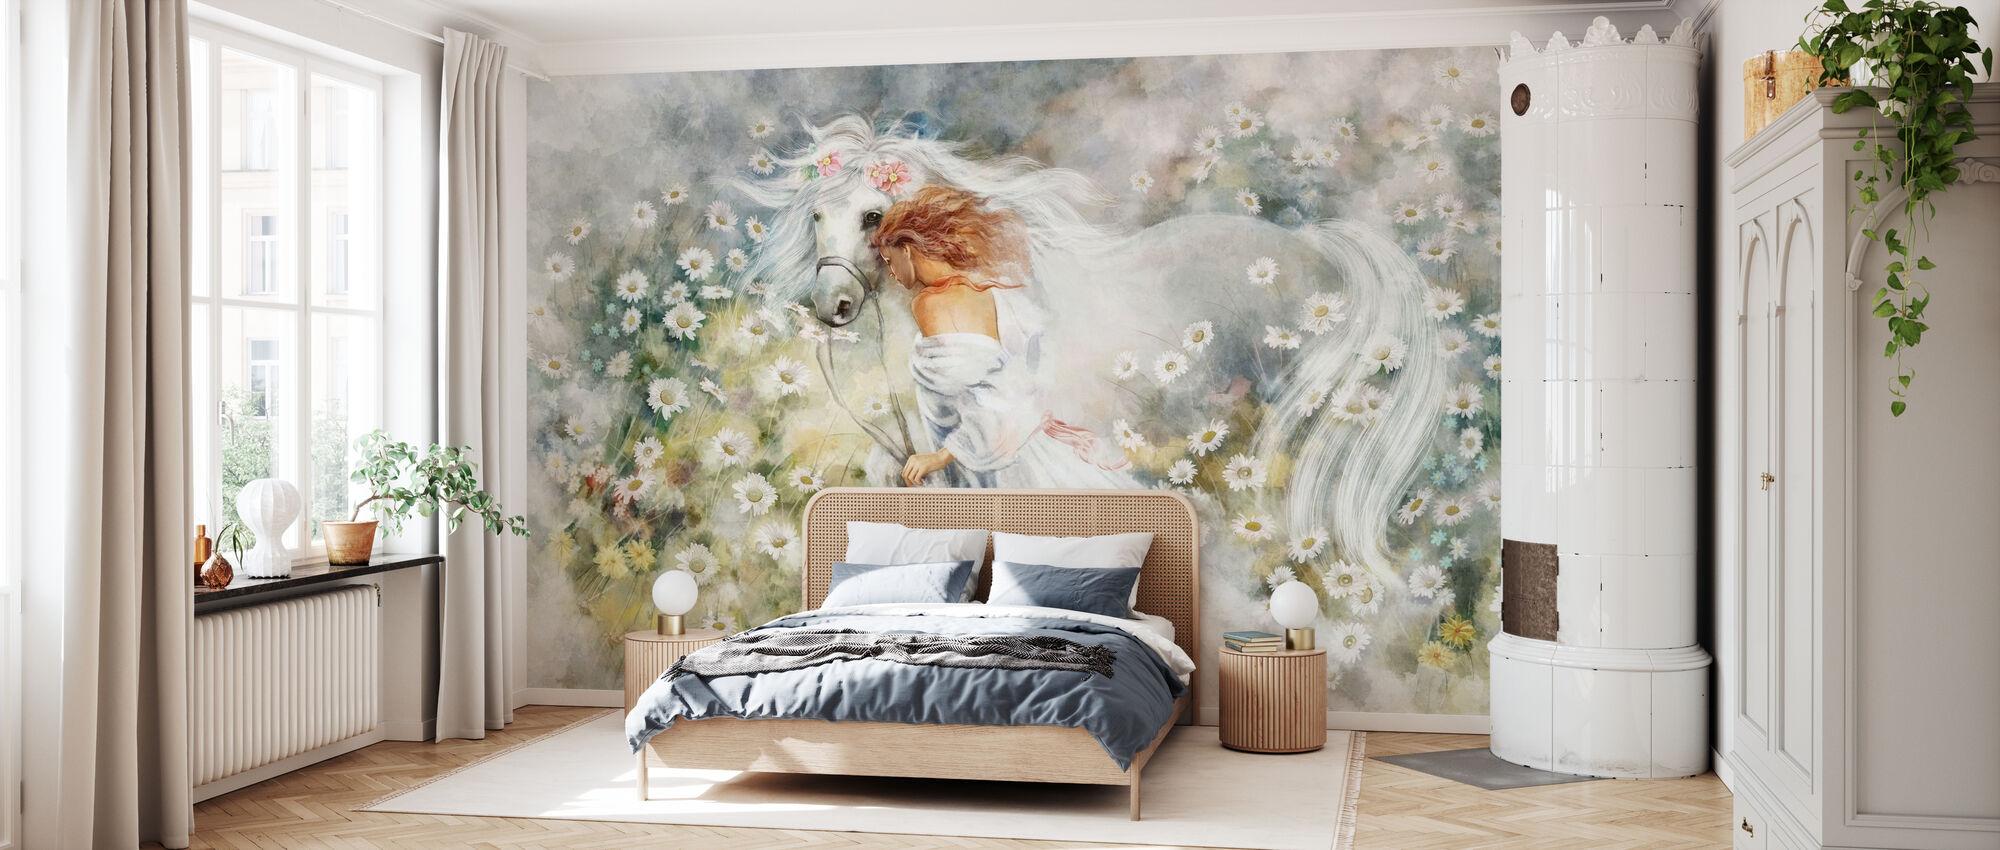 Best Friends - Wallpaper - Bedroom